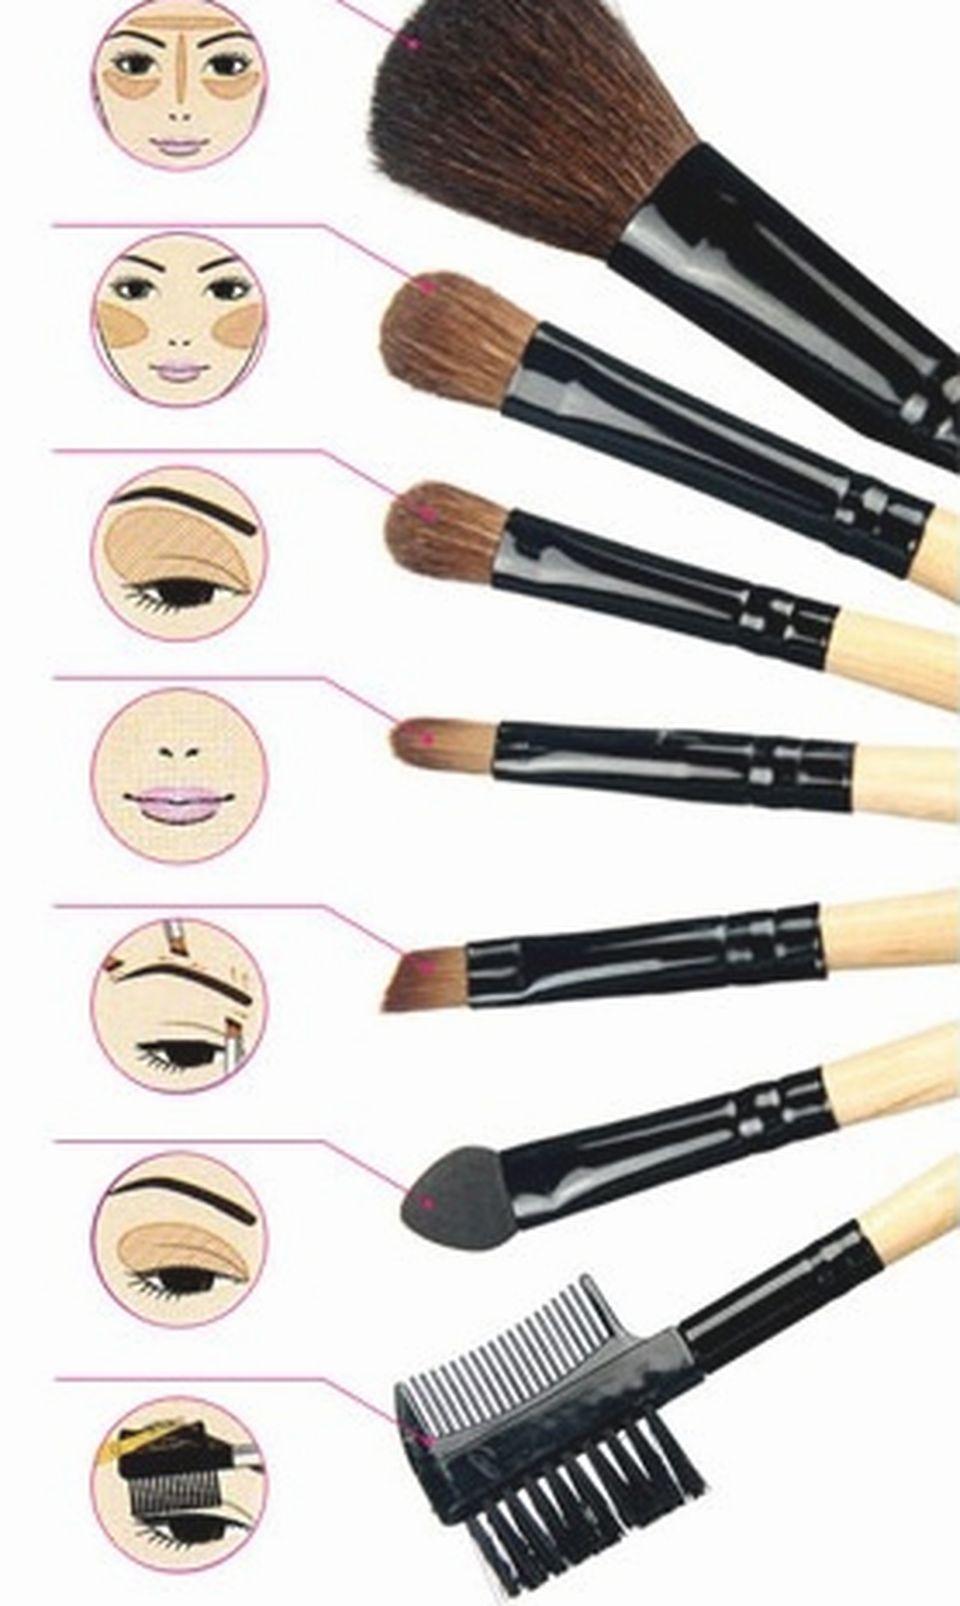 Какие инструменты нужны для макияжа